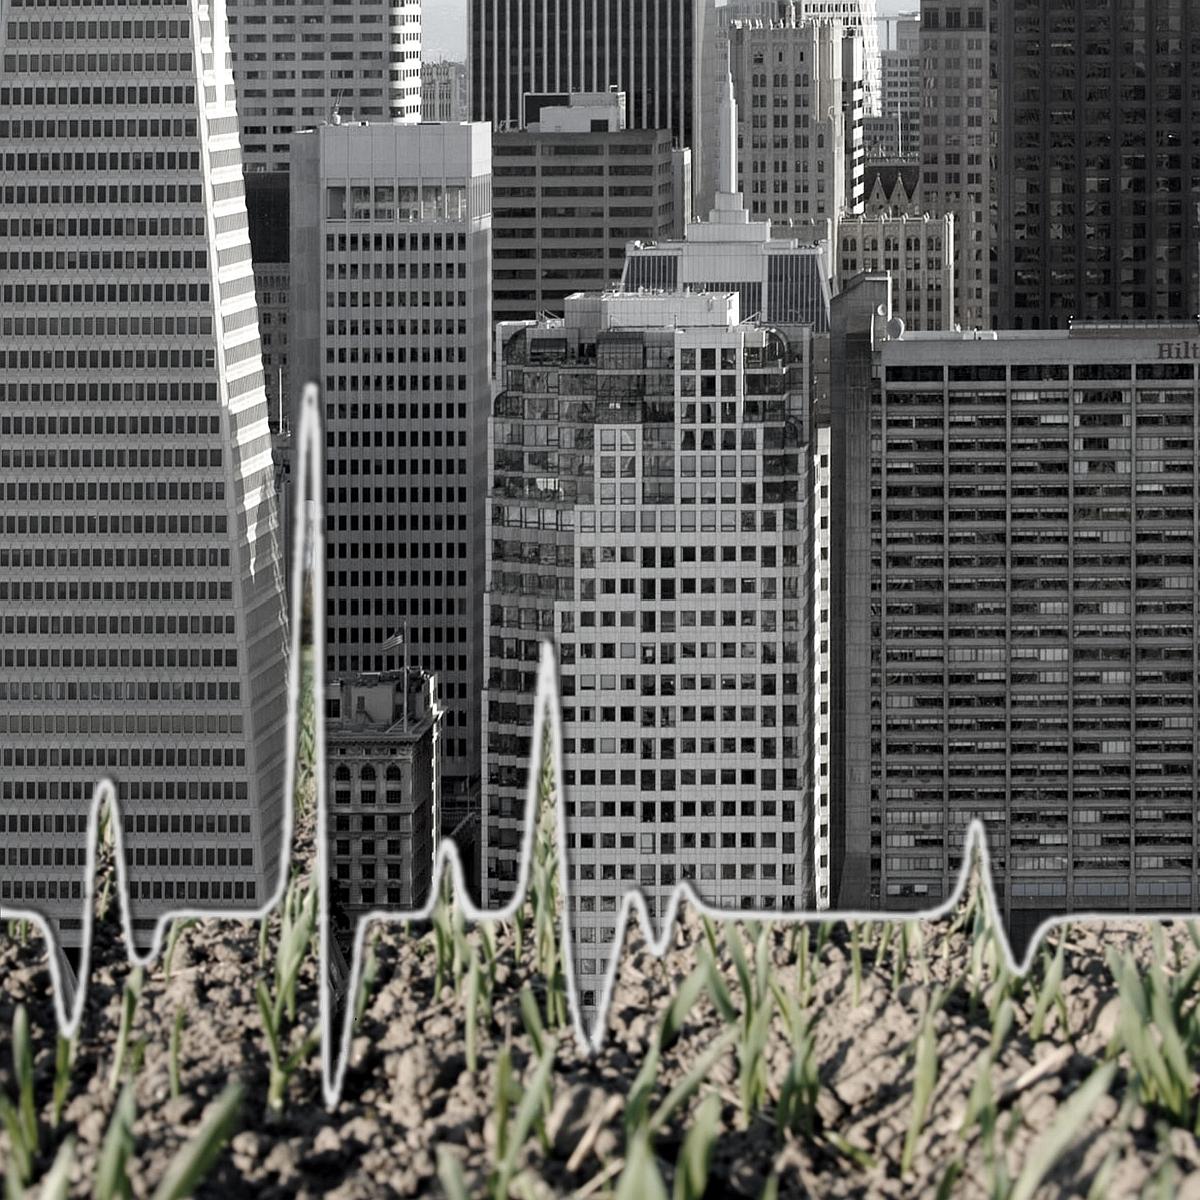 """Janina Rudnicka, cykl """"Habitat"""", """"Krzywa III"""", 2011, 20x20 cm (źródło: materiały prasowe organizatora)"""